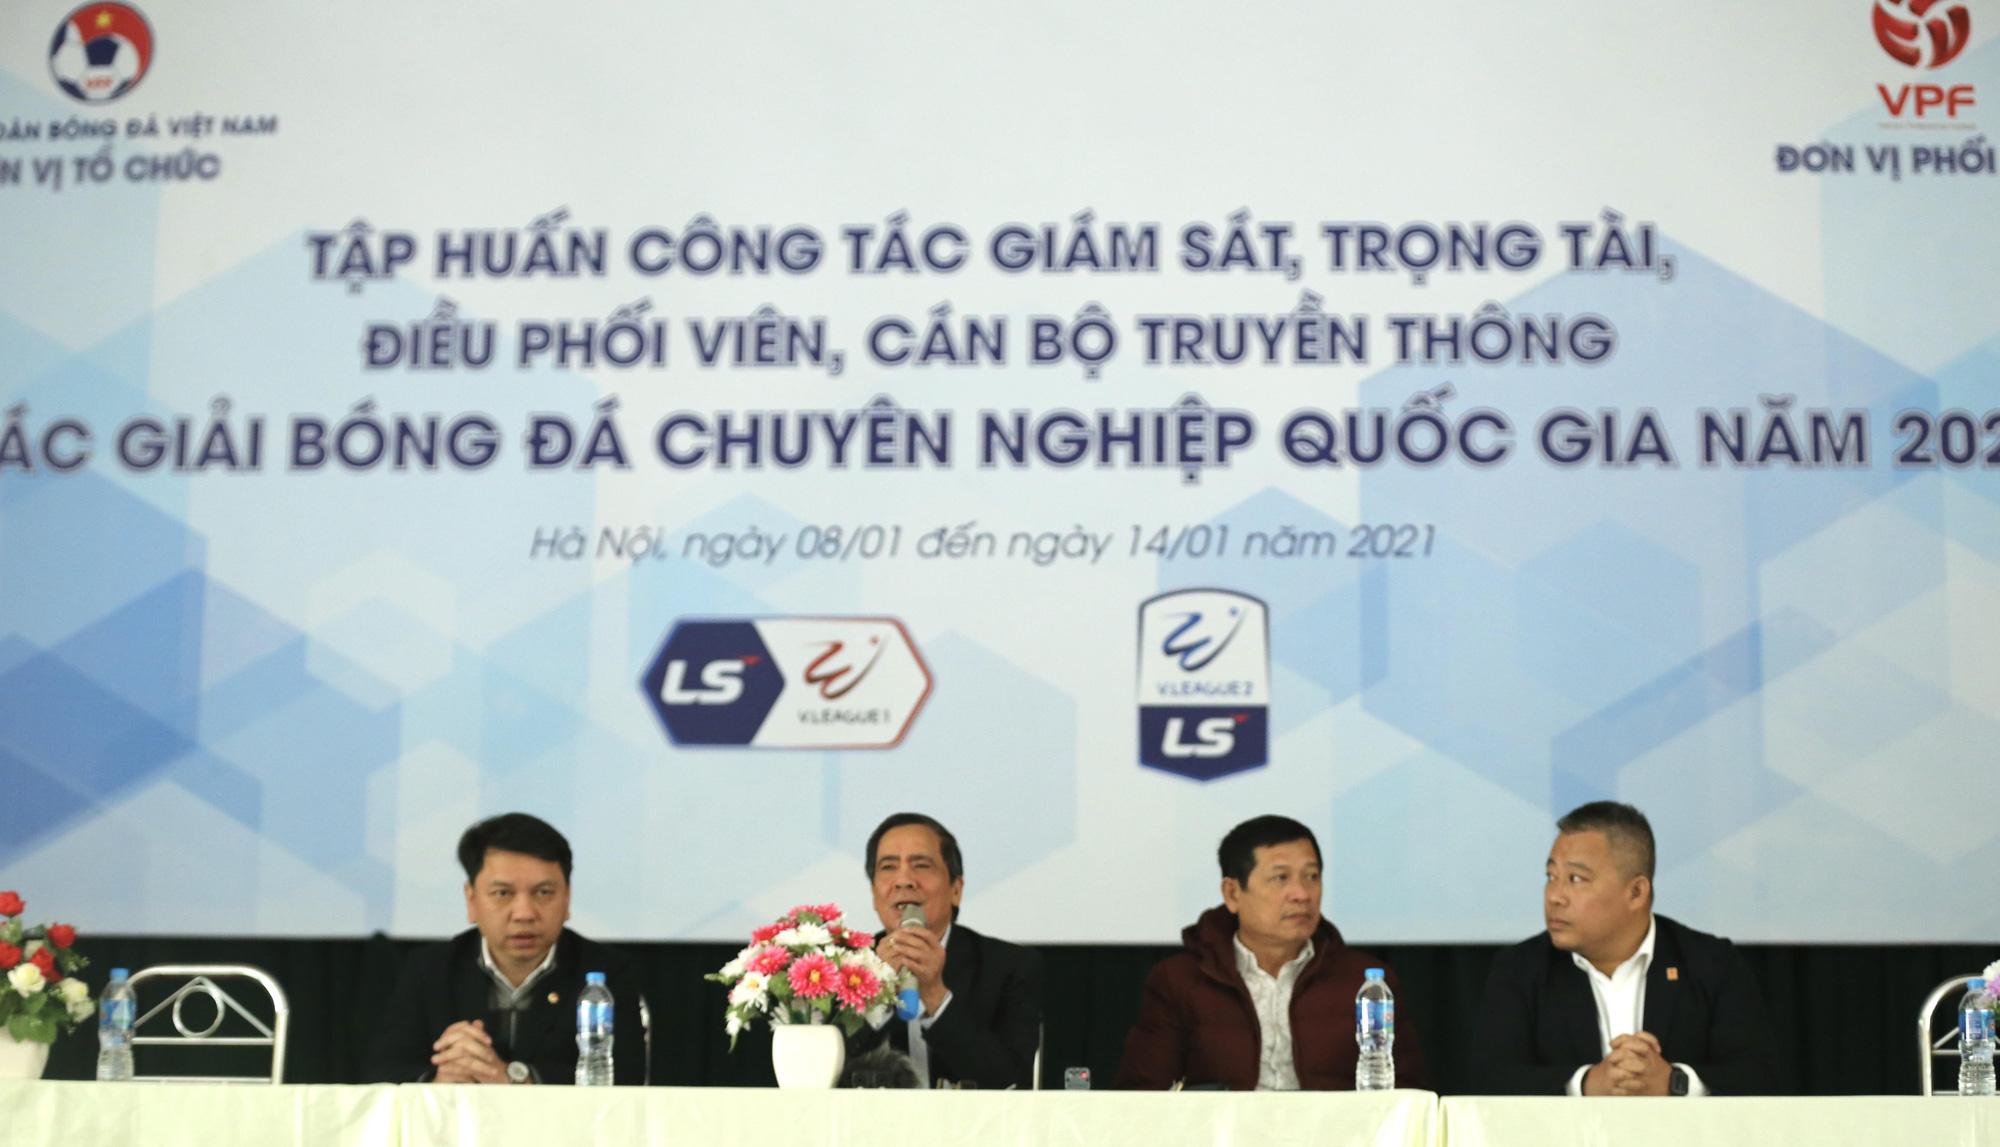 Trưởng ban trọng tài Dương Văn Hiền: 'Sai sót là không tránh khỏi' - Ảnh 2.